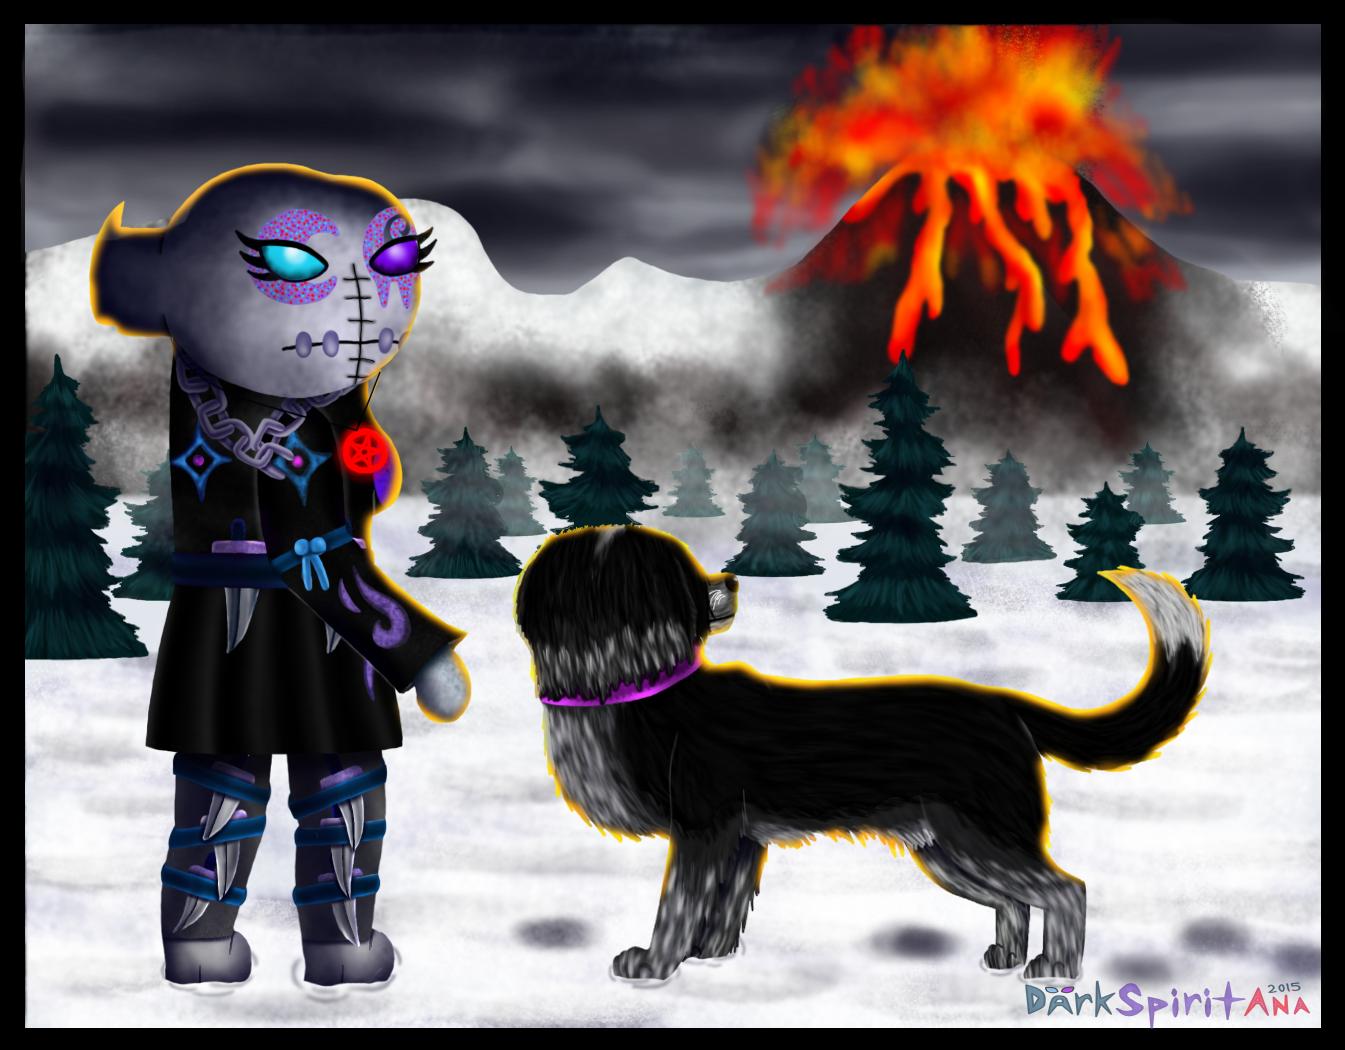 .:Hell is Coming:. by DarkMageVarja